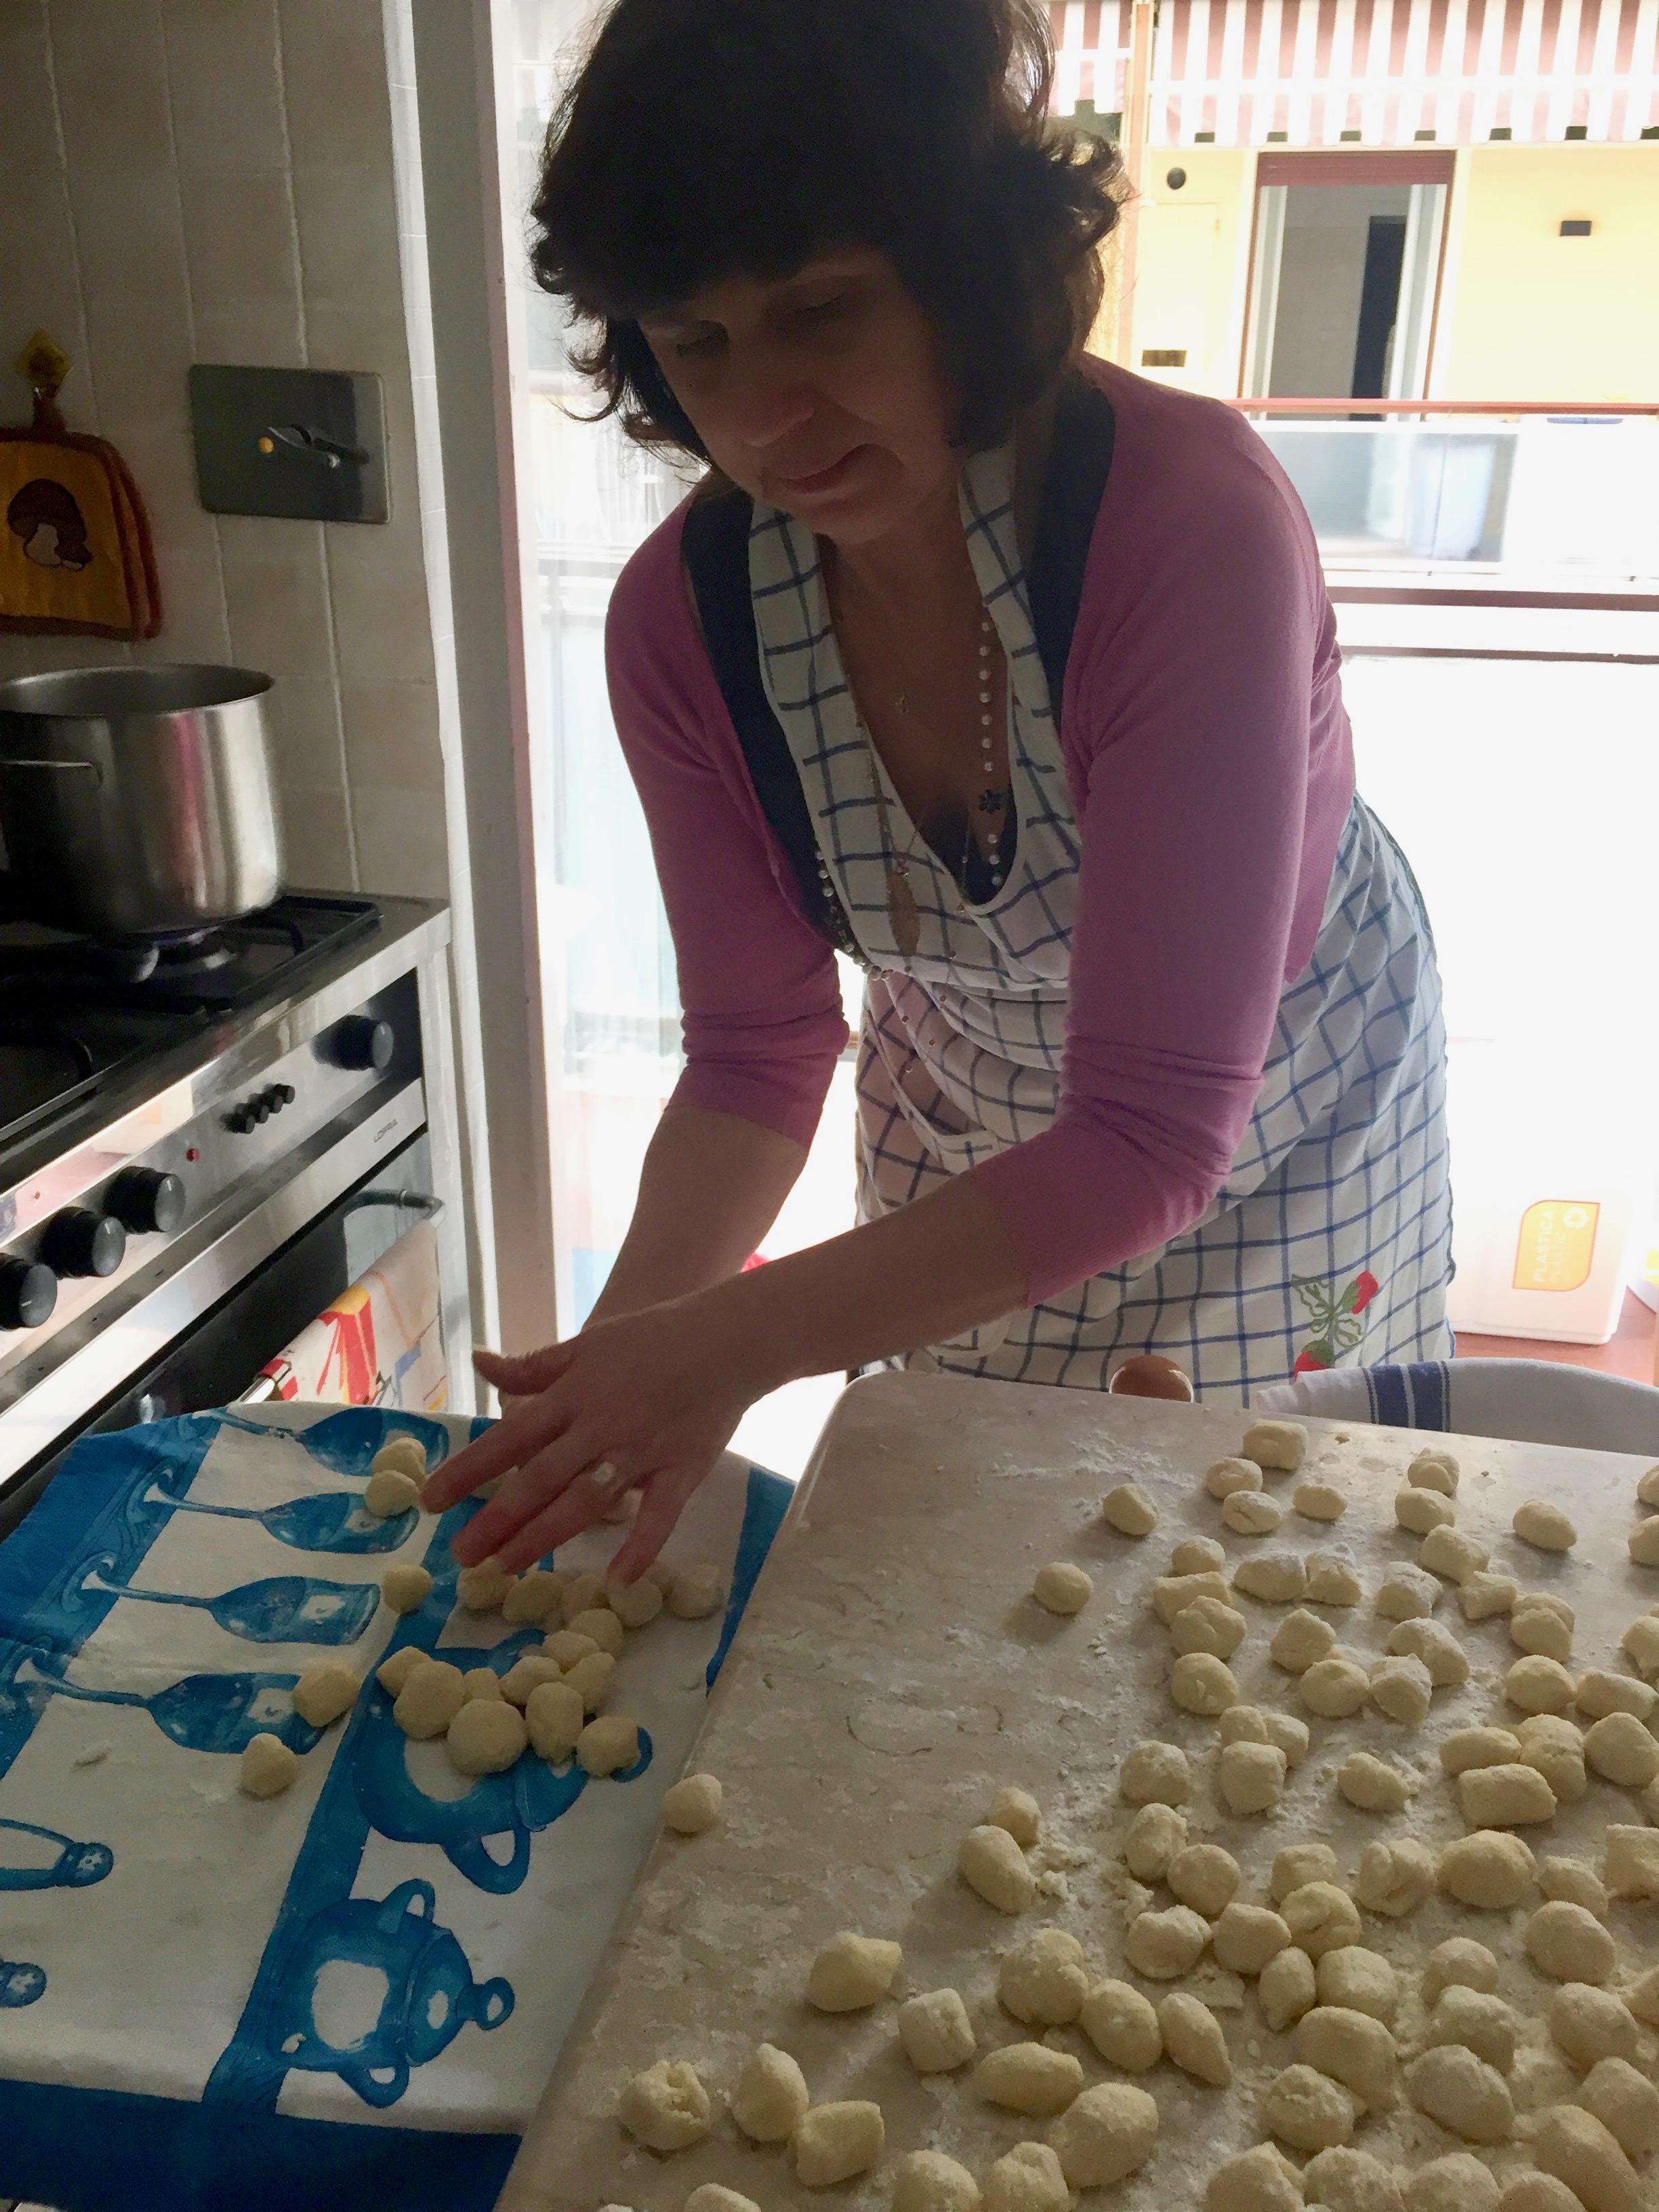 italian gnocchi by hand